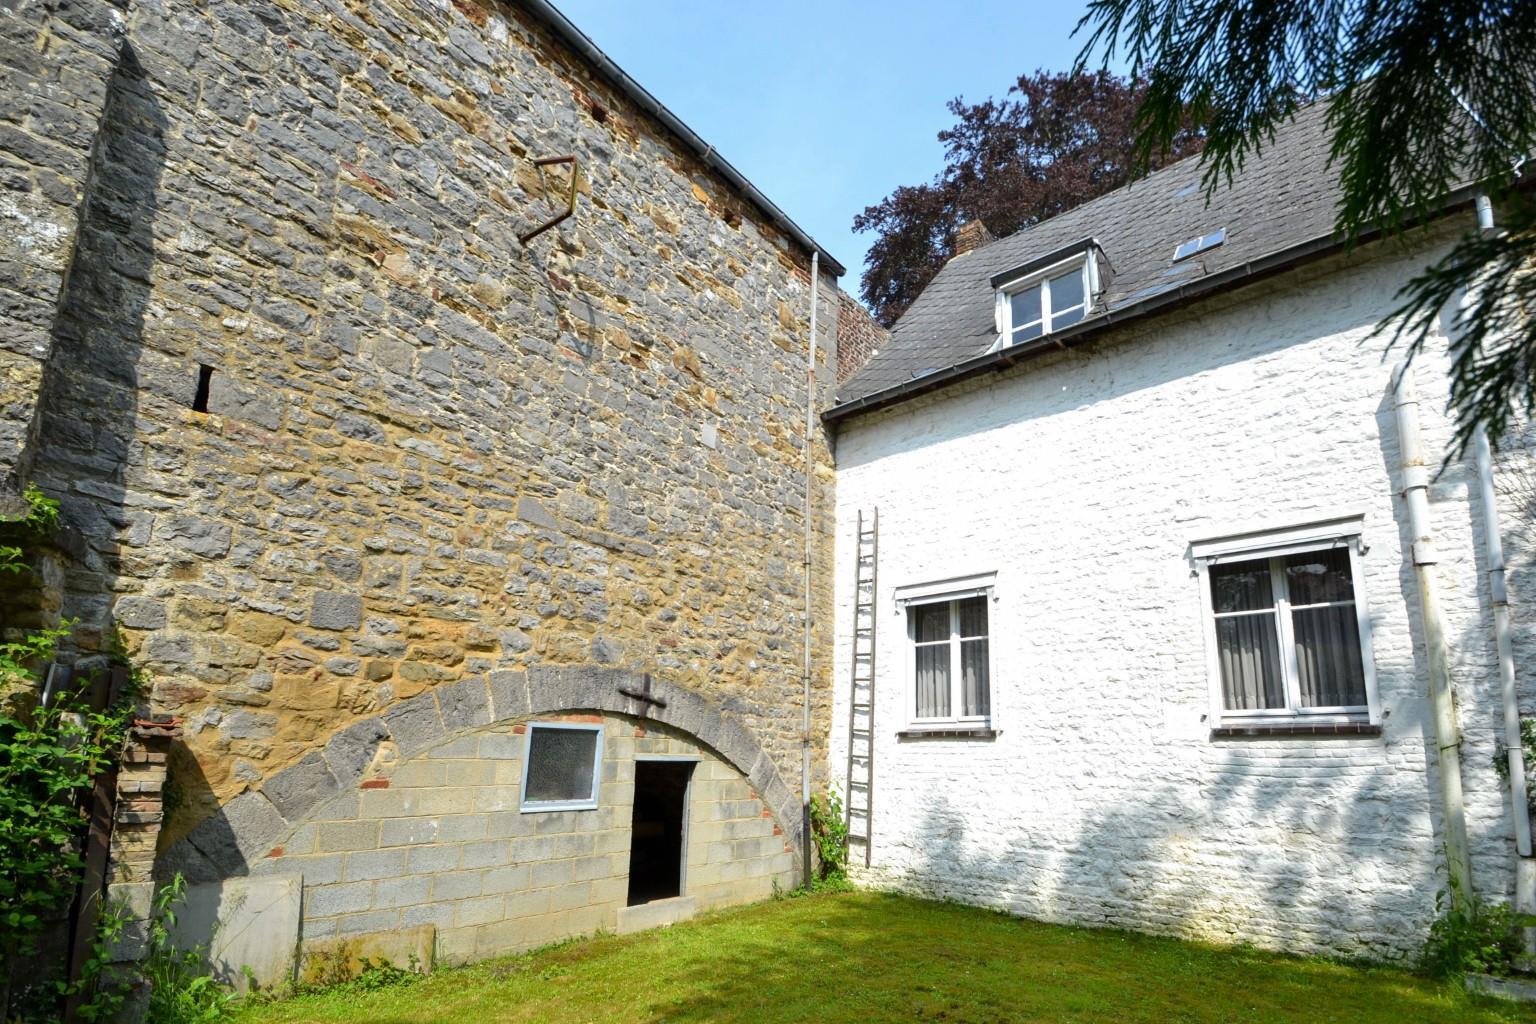 Maison - Walcourt - #2533158-3